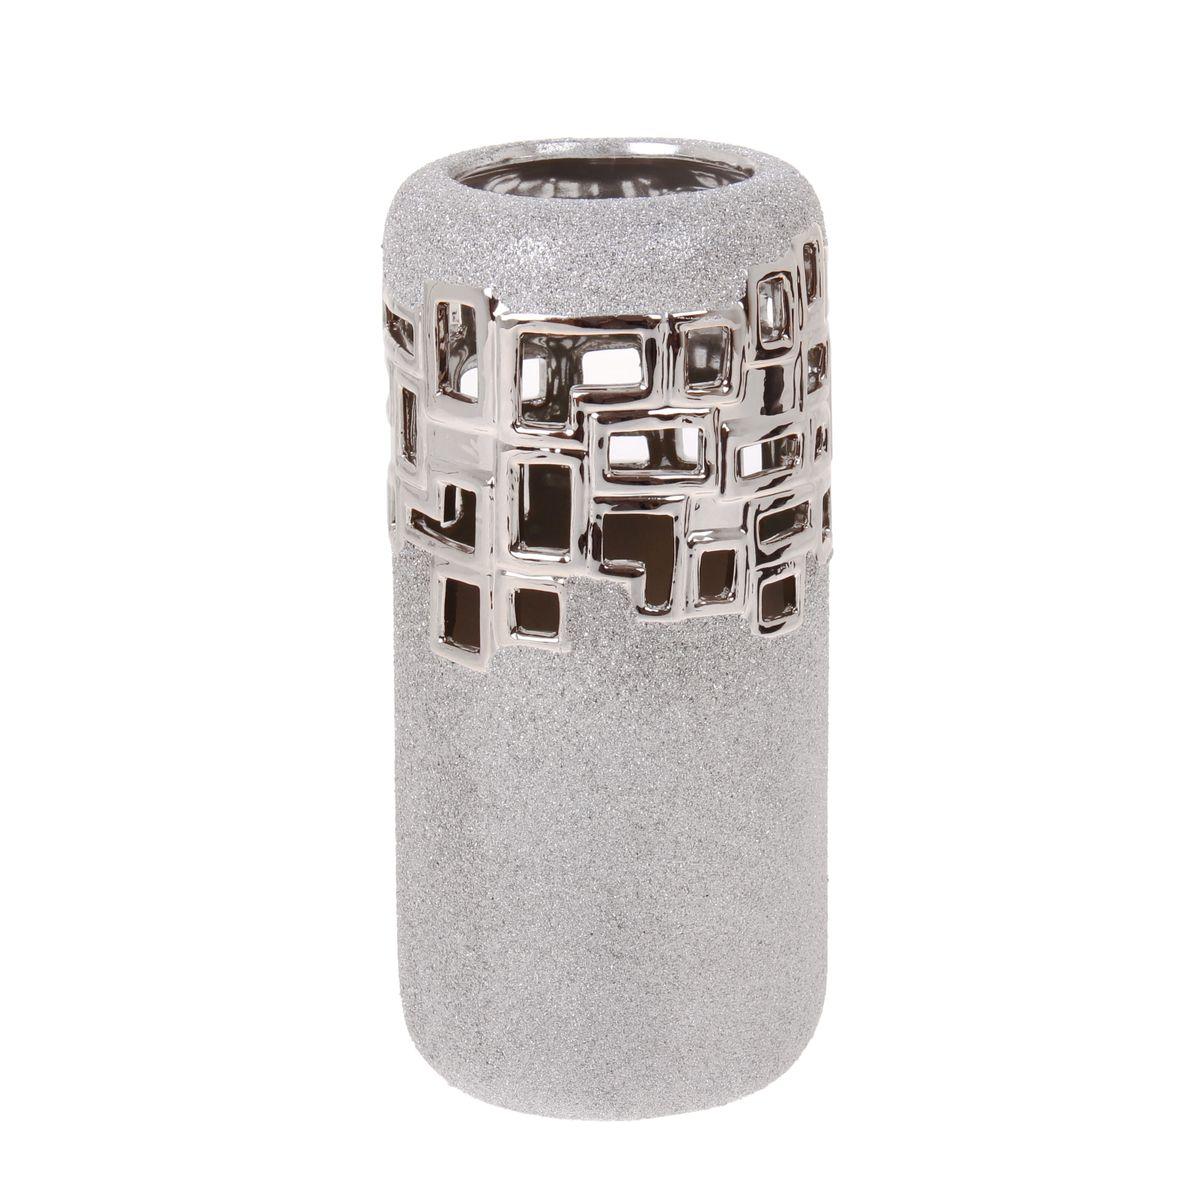 Ваза Sima-land Квадраты, высота 27 смFS-80423Элегантная ваза Sima-land Квадраты, изготовленная из высококачественной керамики, декорирована блестками. Интересная форма и необычное оформление сделают эту вазу замечательным украшением интерьера. Она предназначена как для живых, так и для искусственных цветов. Основание оснащено противоскользящими накладками.Любое помещение выглядит незавершенным без правильно расположенных предметовинтерьера. Они помогают создать уют, расставить акценты, подчеркнуть достоинства или скрытьнедостатки.